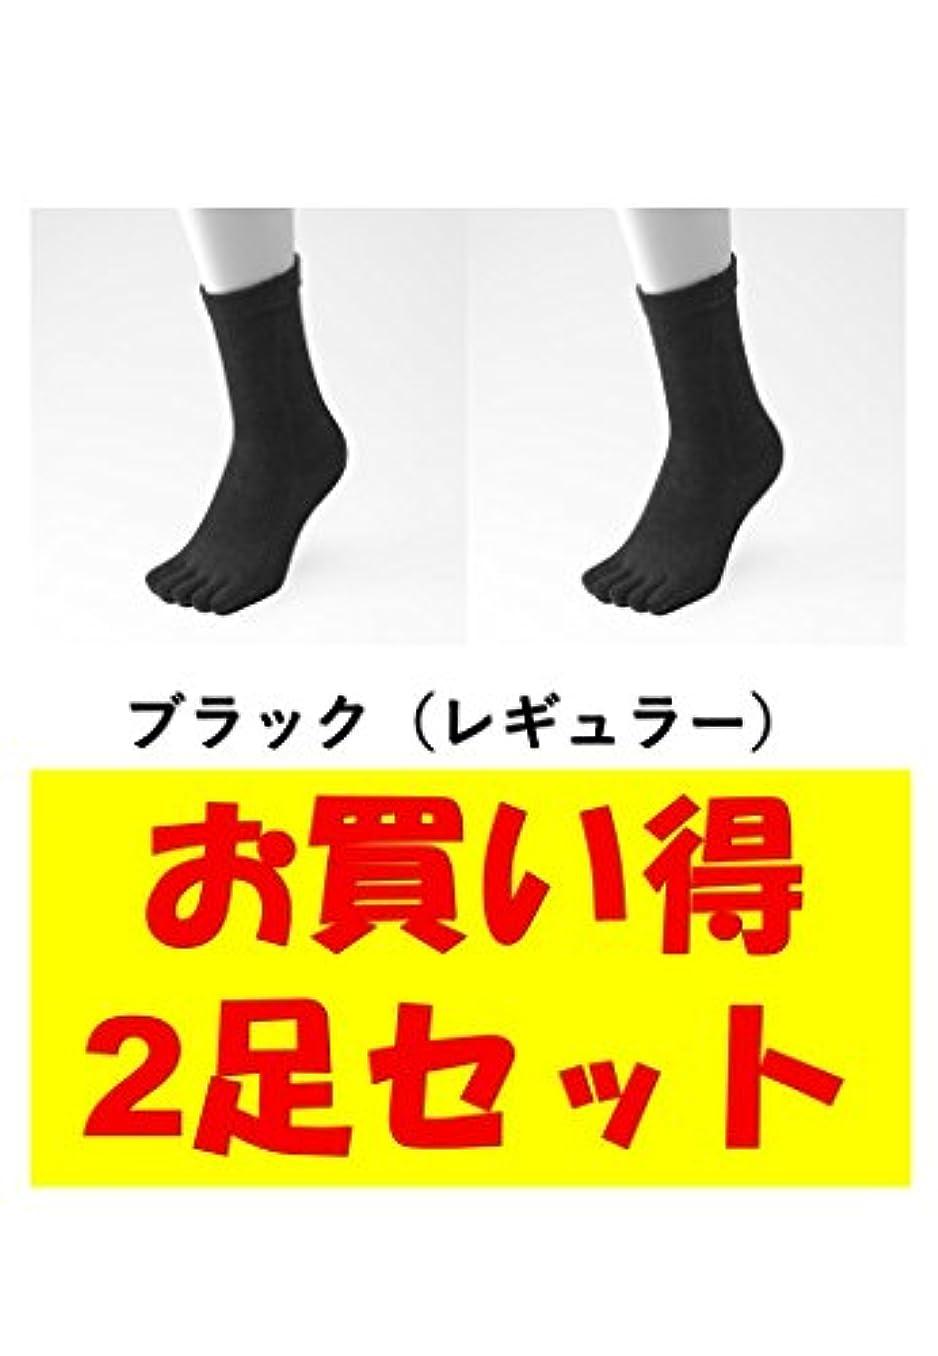 息子配当リークお買い得2足セット 5本指 ゆびのばソックス ゆびのばレギュラー ブラック 女性用 22.0cm-25.5cm HSREGR-BLK